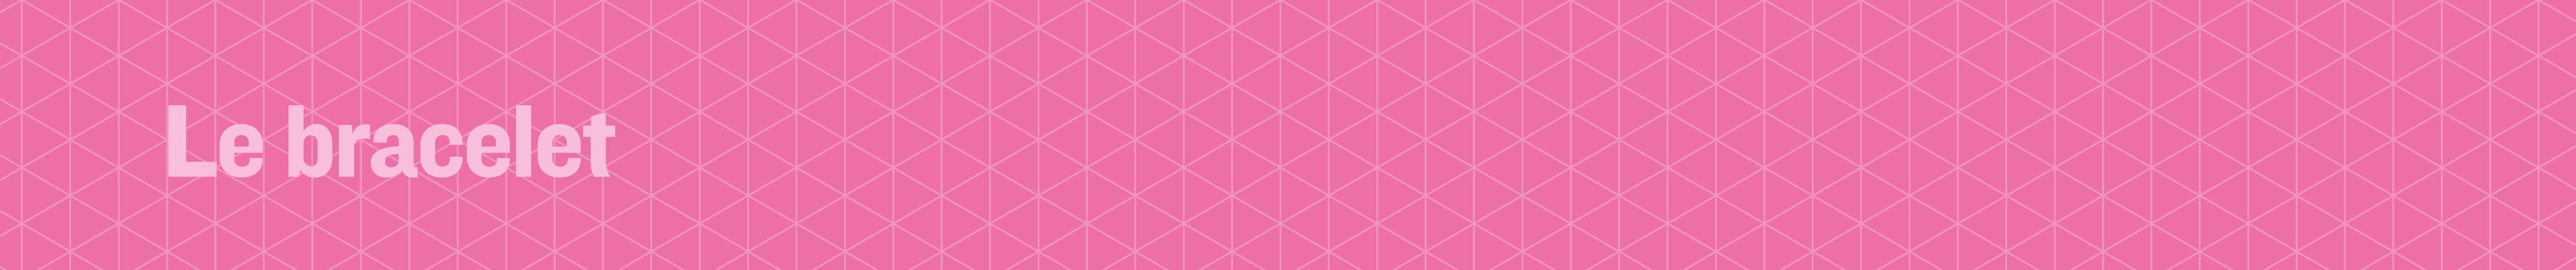 20190920 Banner Pink Ribbon armband FR